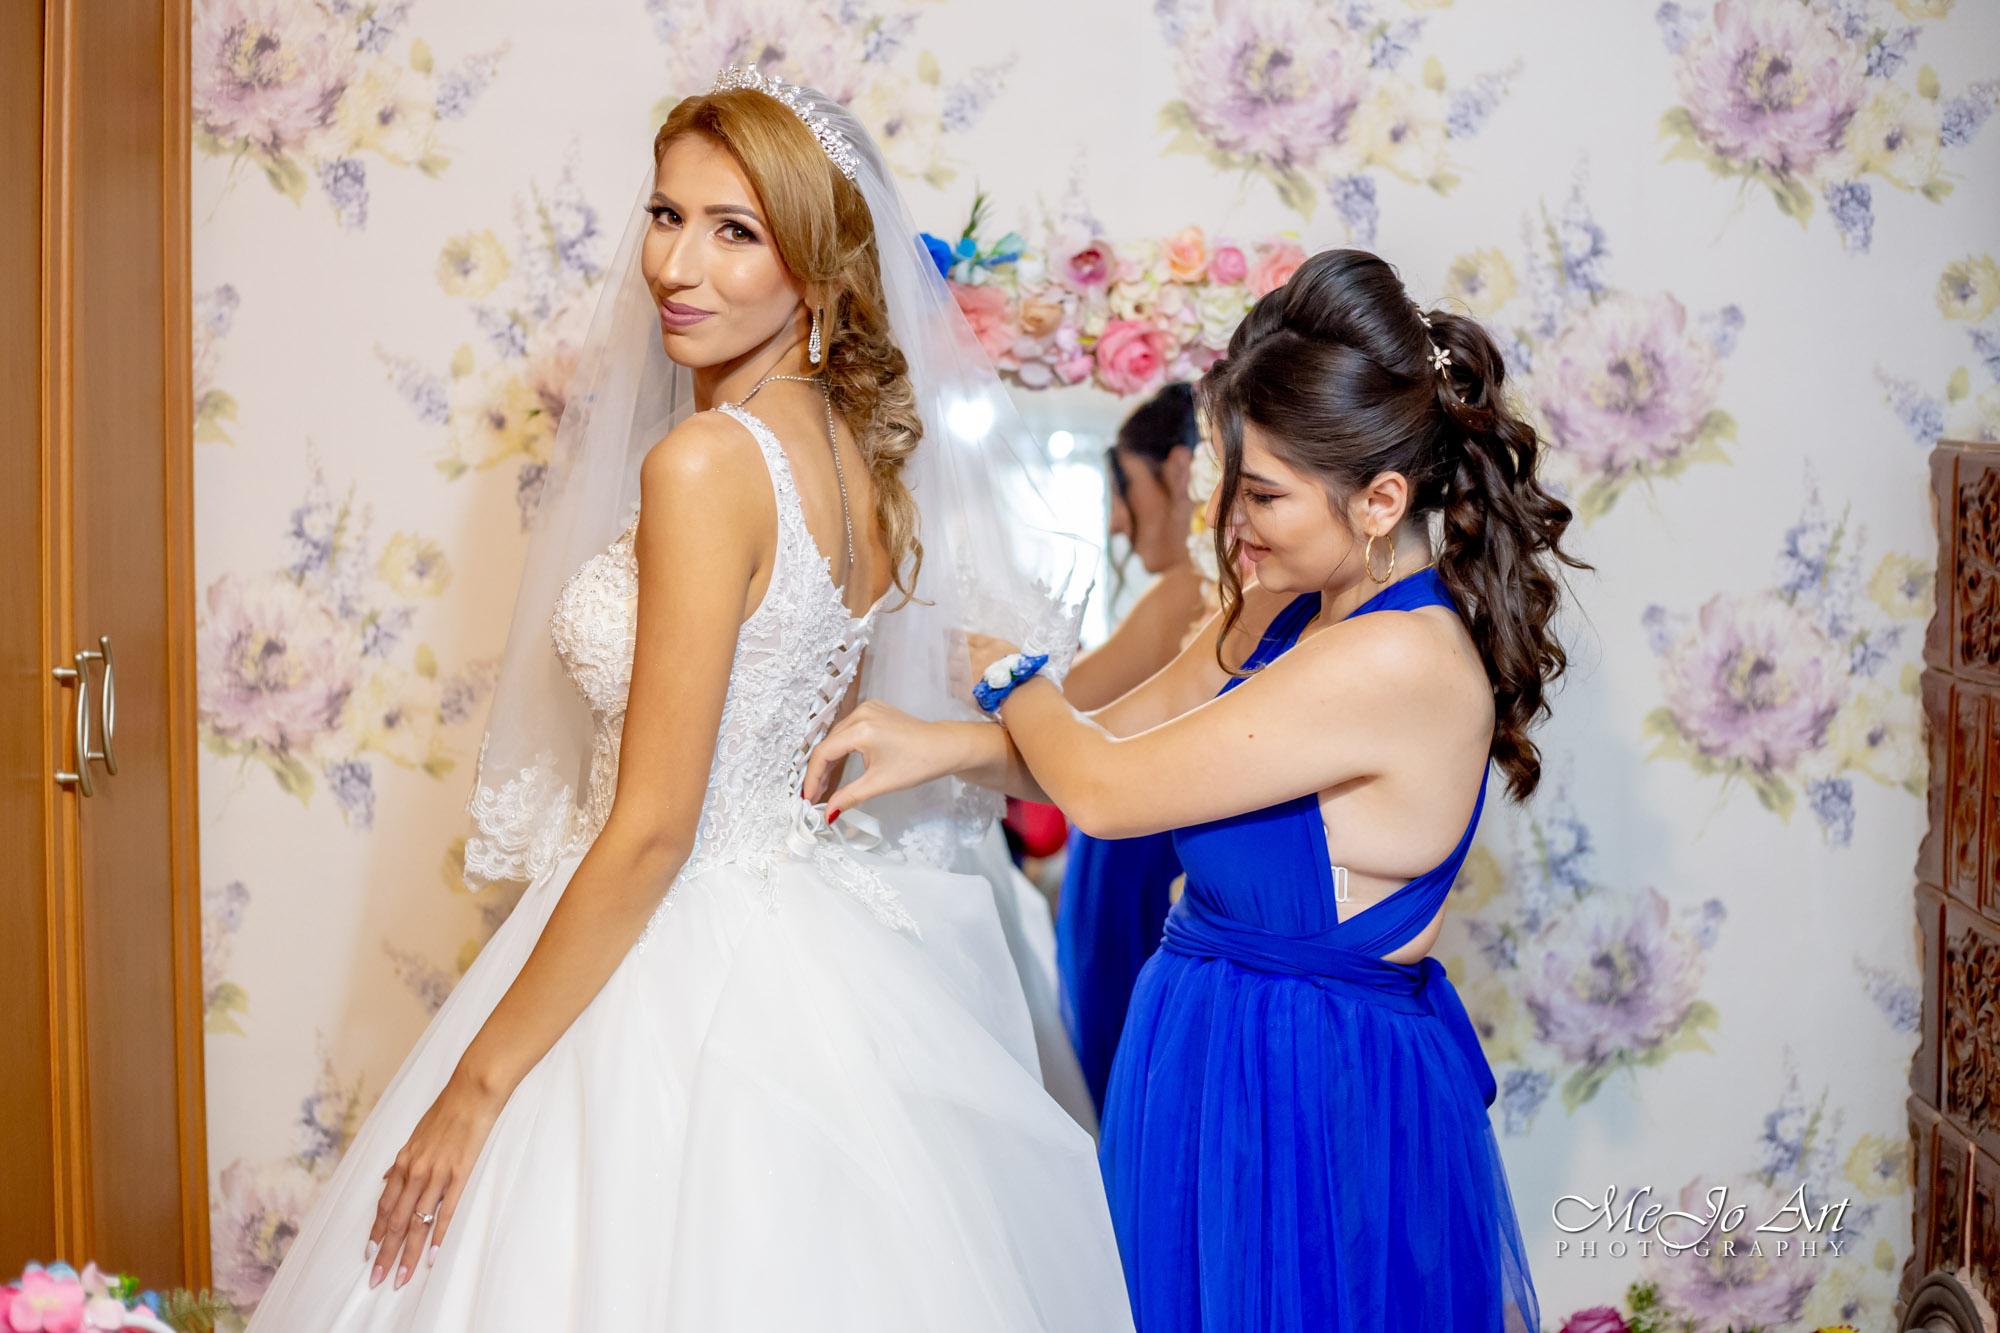 Fotograf nunta constanta-20